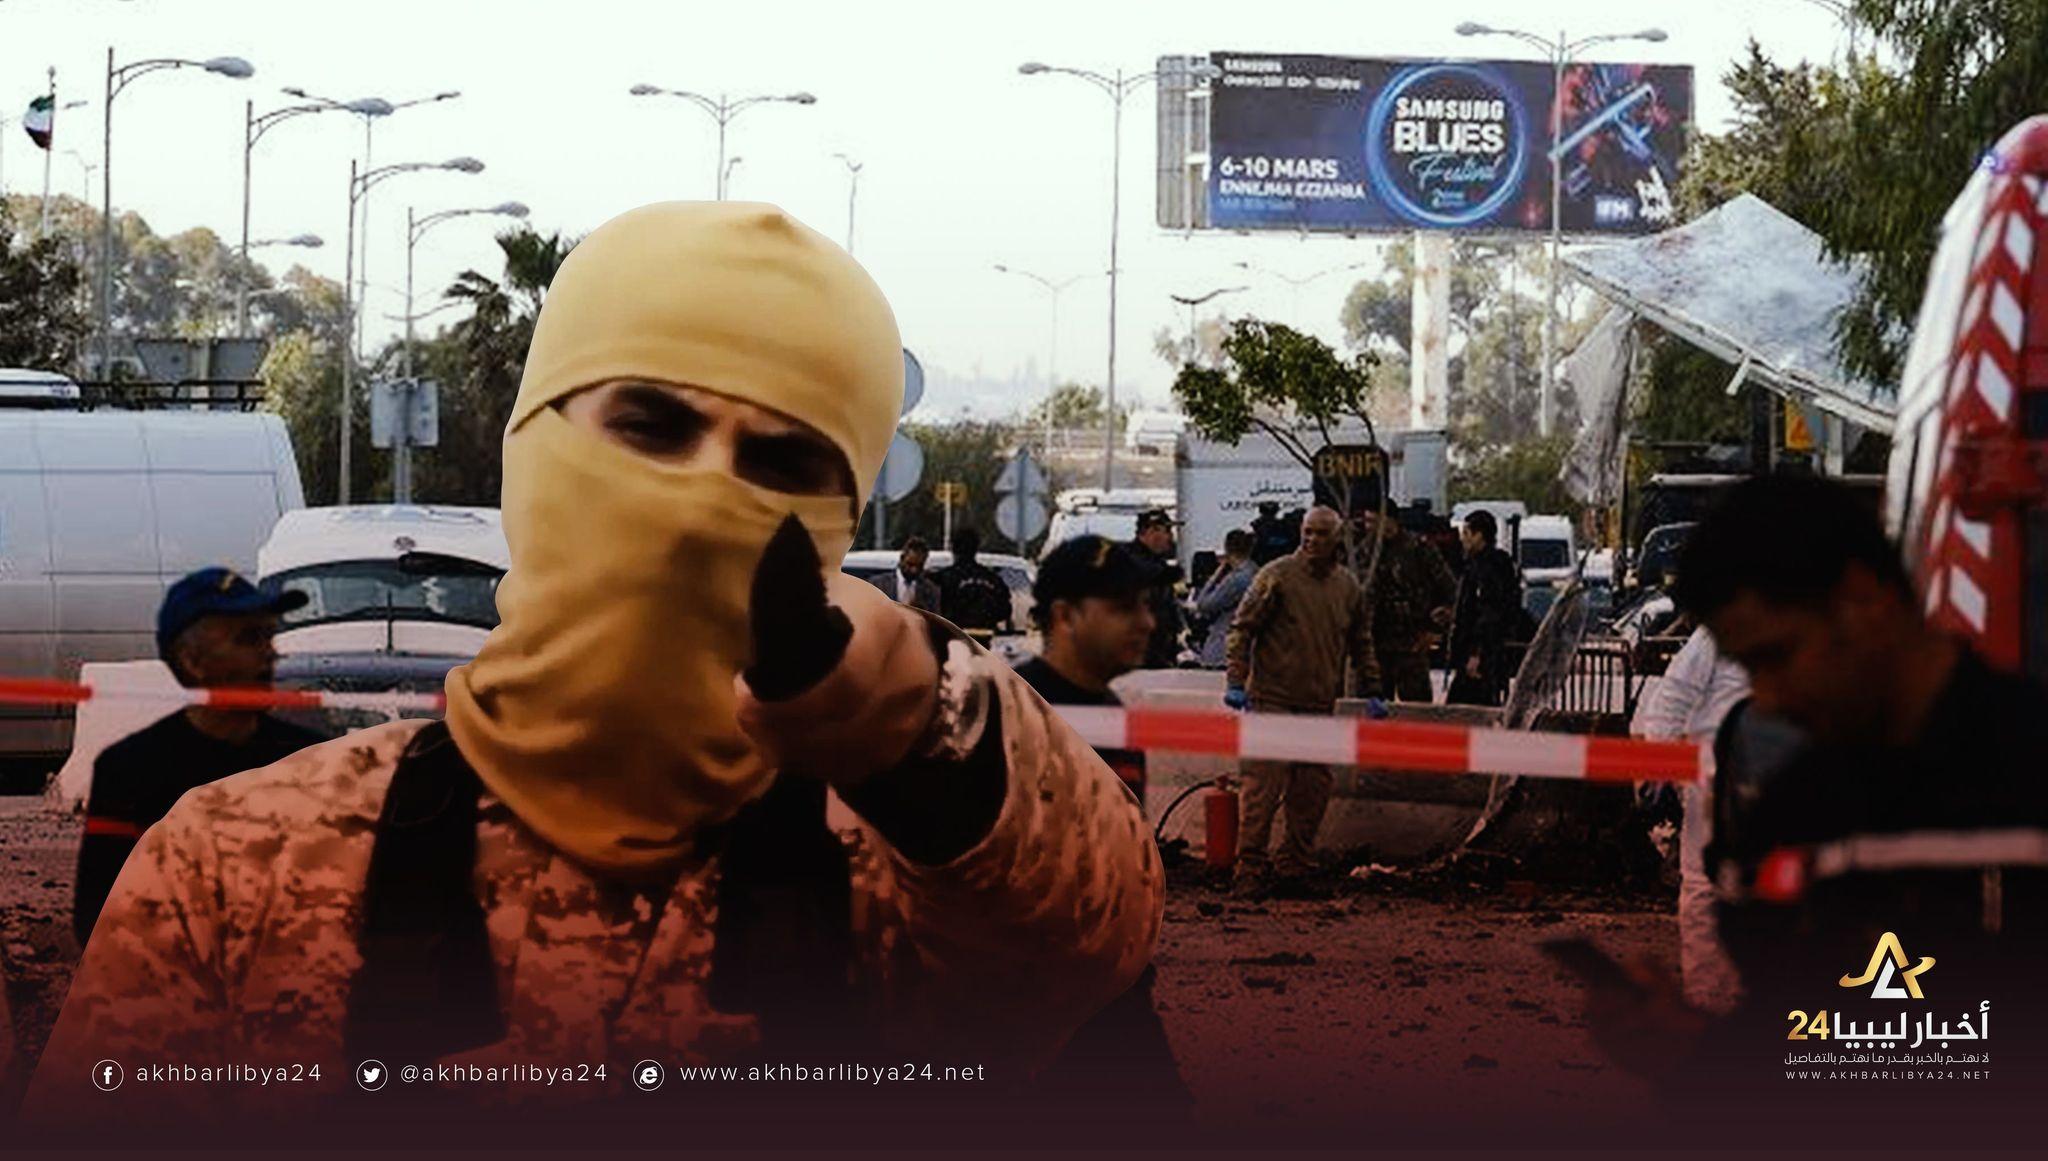 صورة من جرائمهم الإنسانية.. الإرهاب لم يرحم الأطقم الطبية في ساحات المعركة